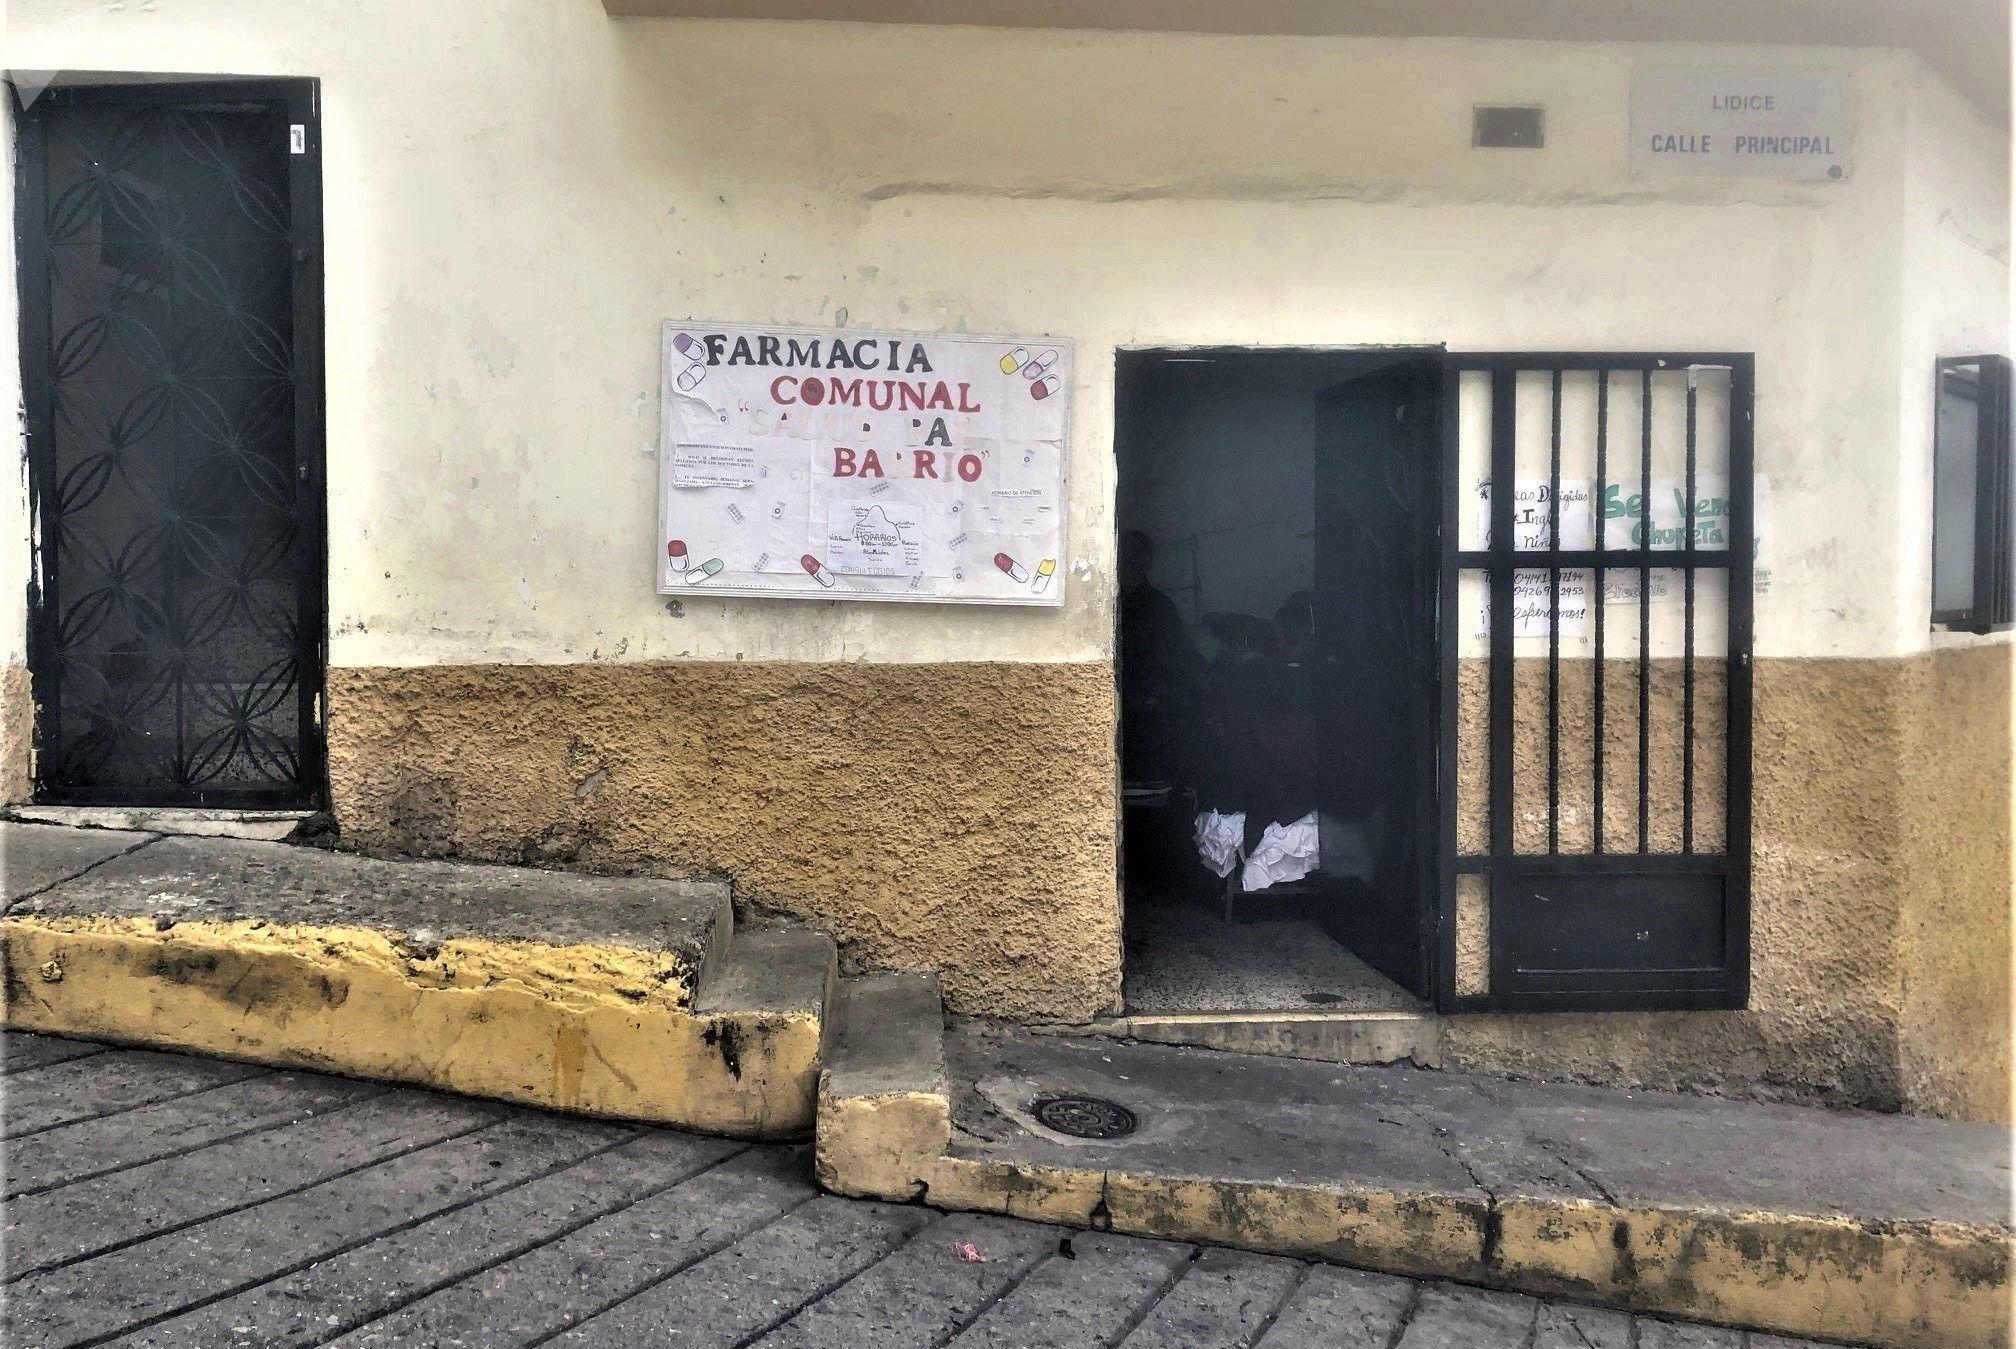 Fachada Farmacia comunal Altos de Lídice